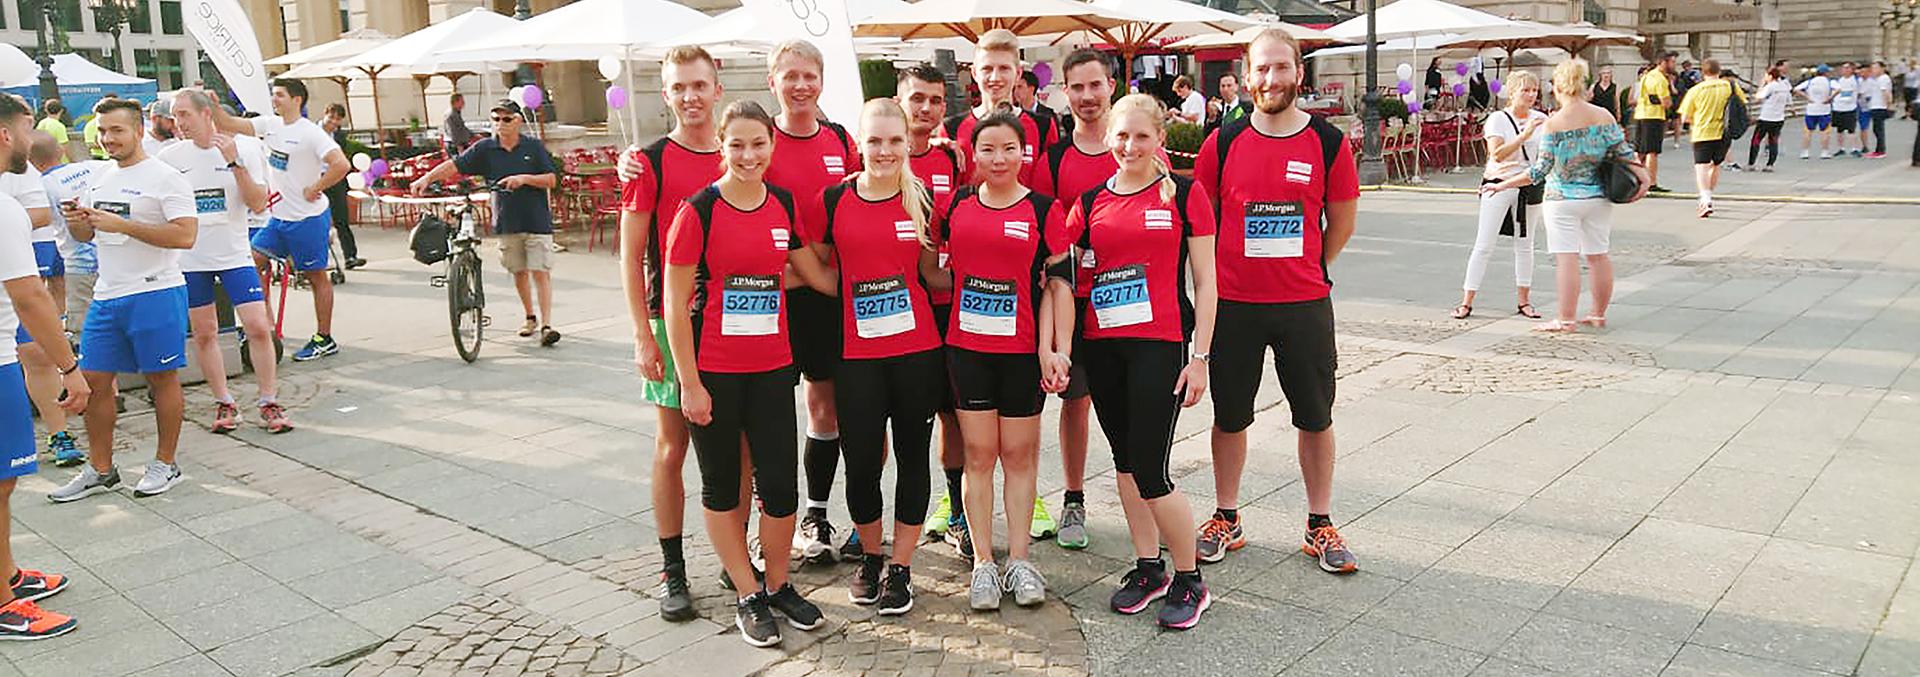 Laufmannschaft steht in roten Trikots vor Paulskirche in Frankfurt